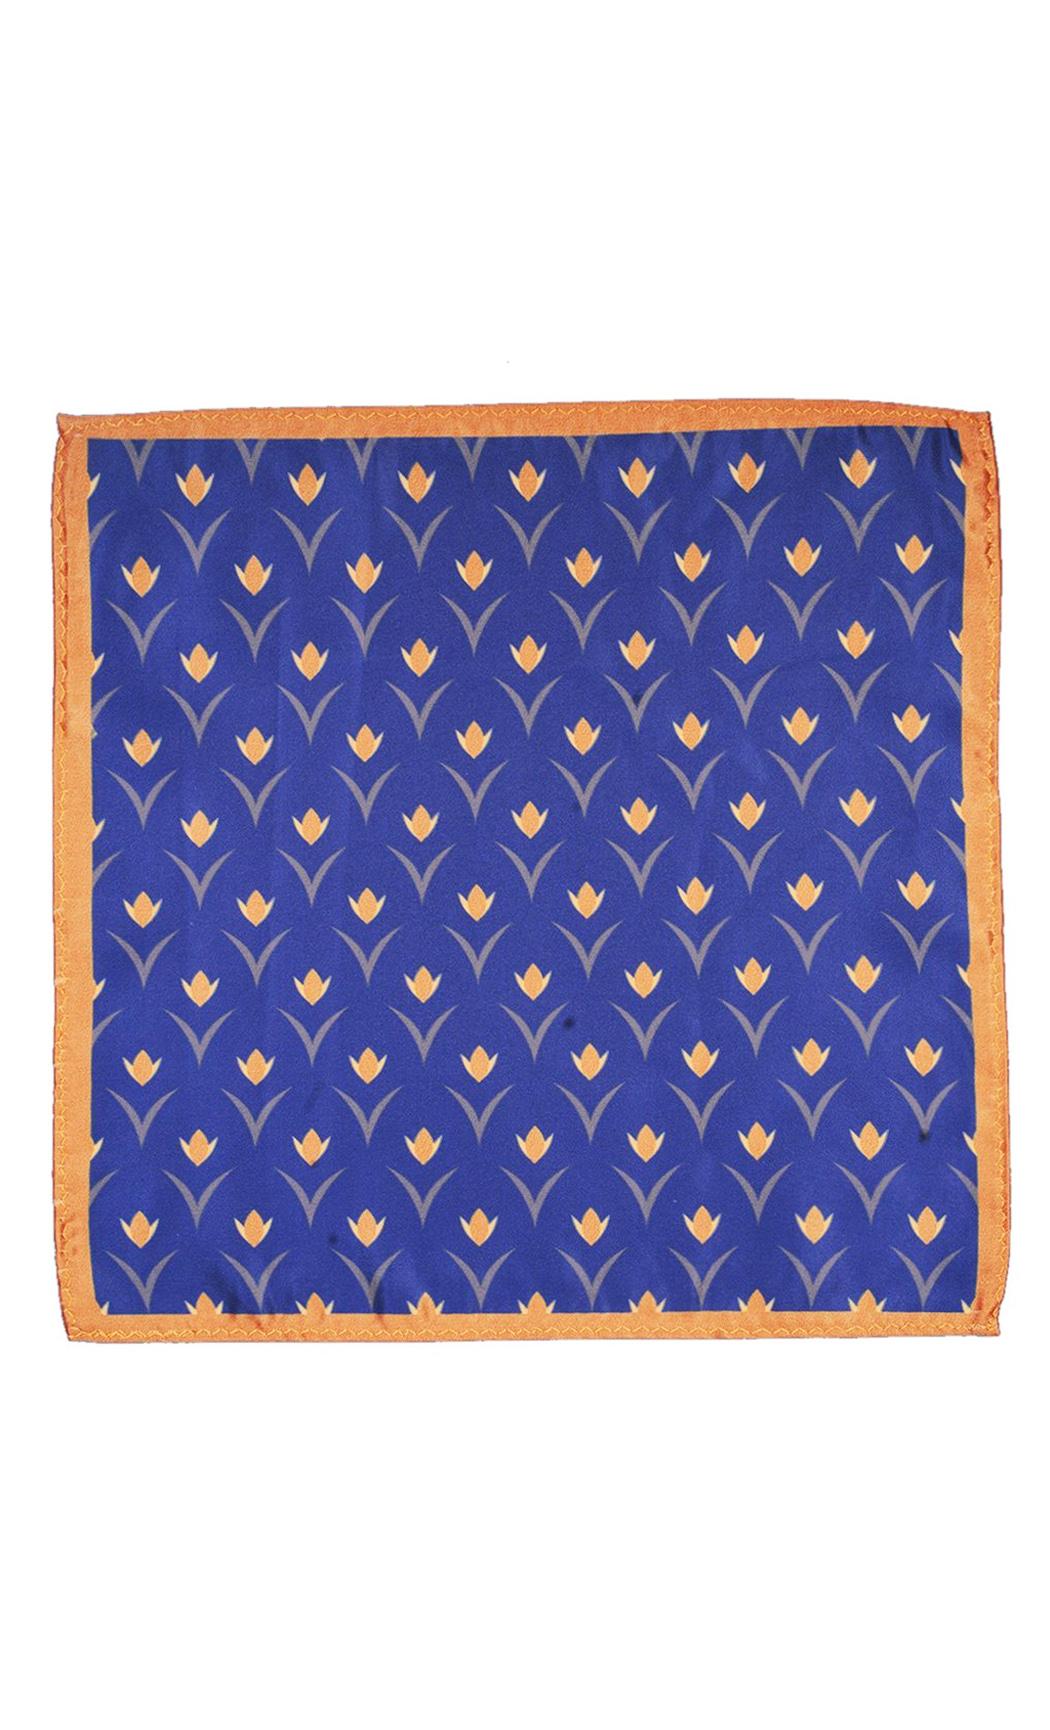 Blue Floral Printed Pocket Square. Buy Online